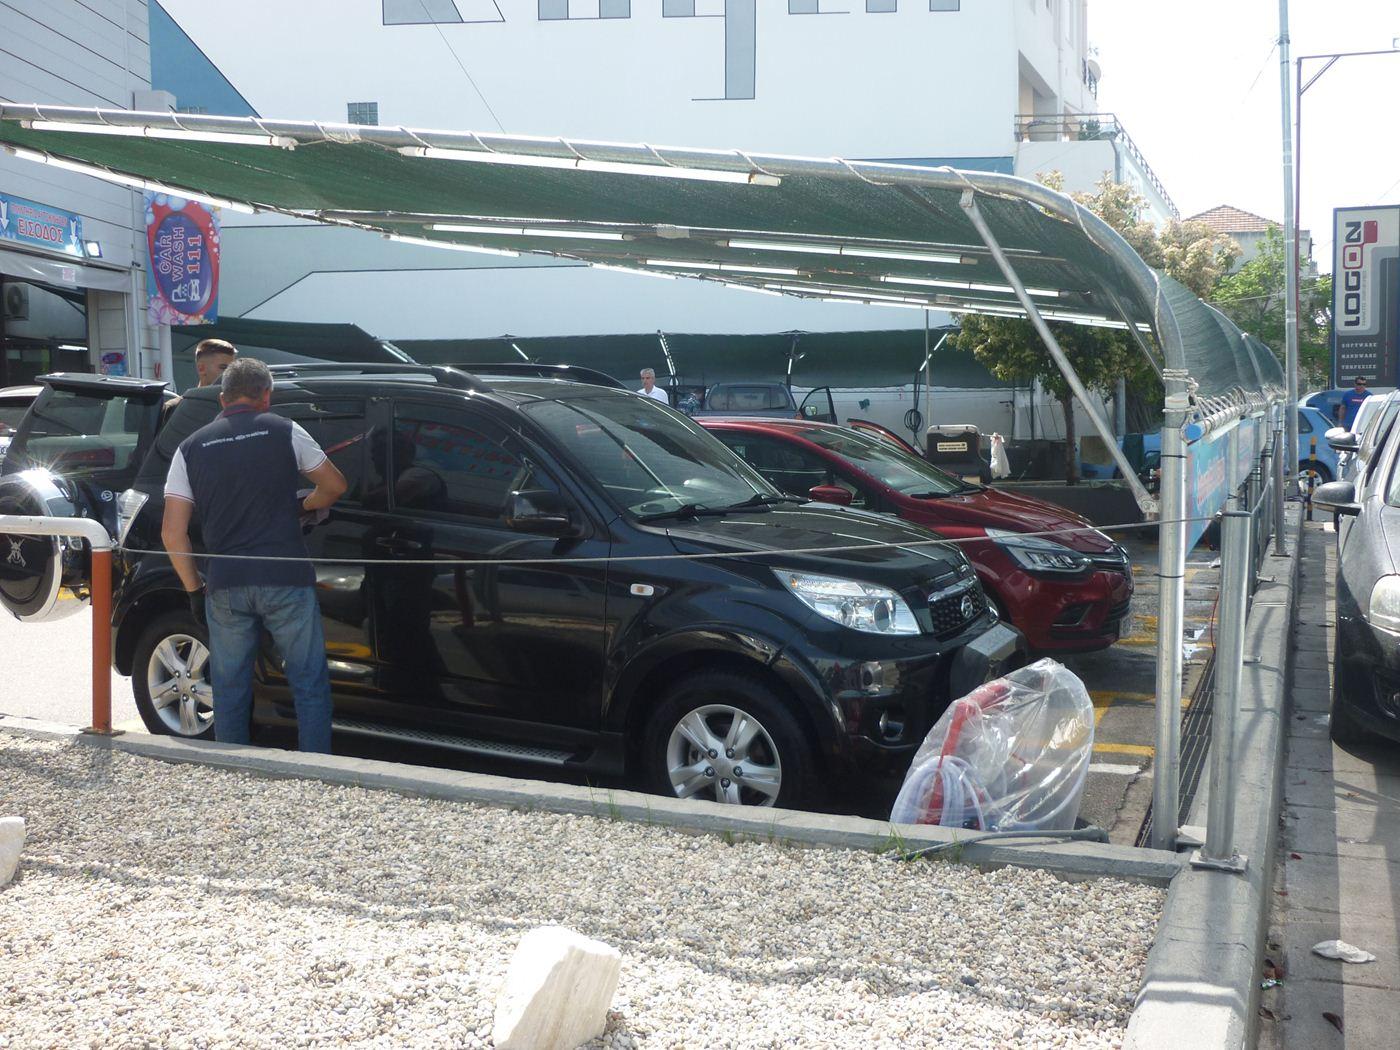 «Σωρηδόν» στα πλυντήρια αυτοκινήτων οι Λαρισαίοι λόγω Πάσχα και αφρικανικής σκόνης (φωτο)